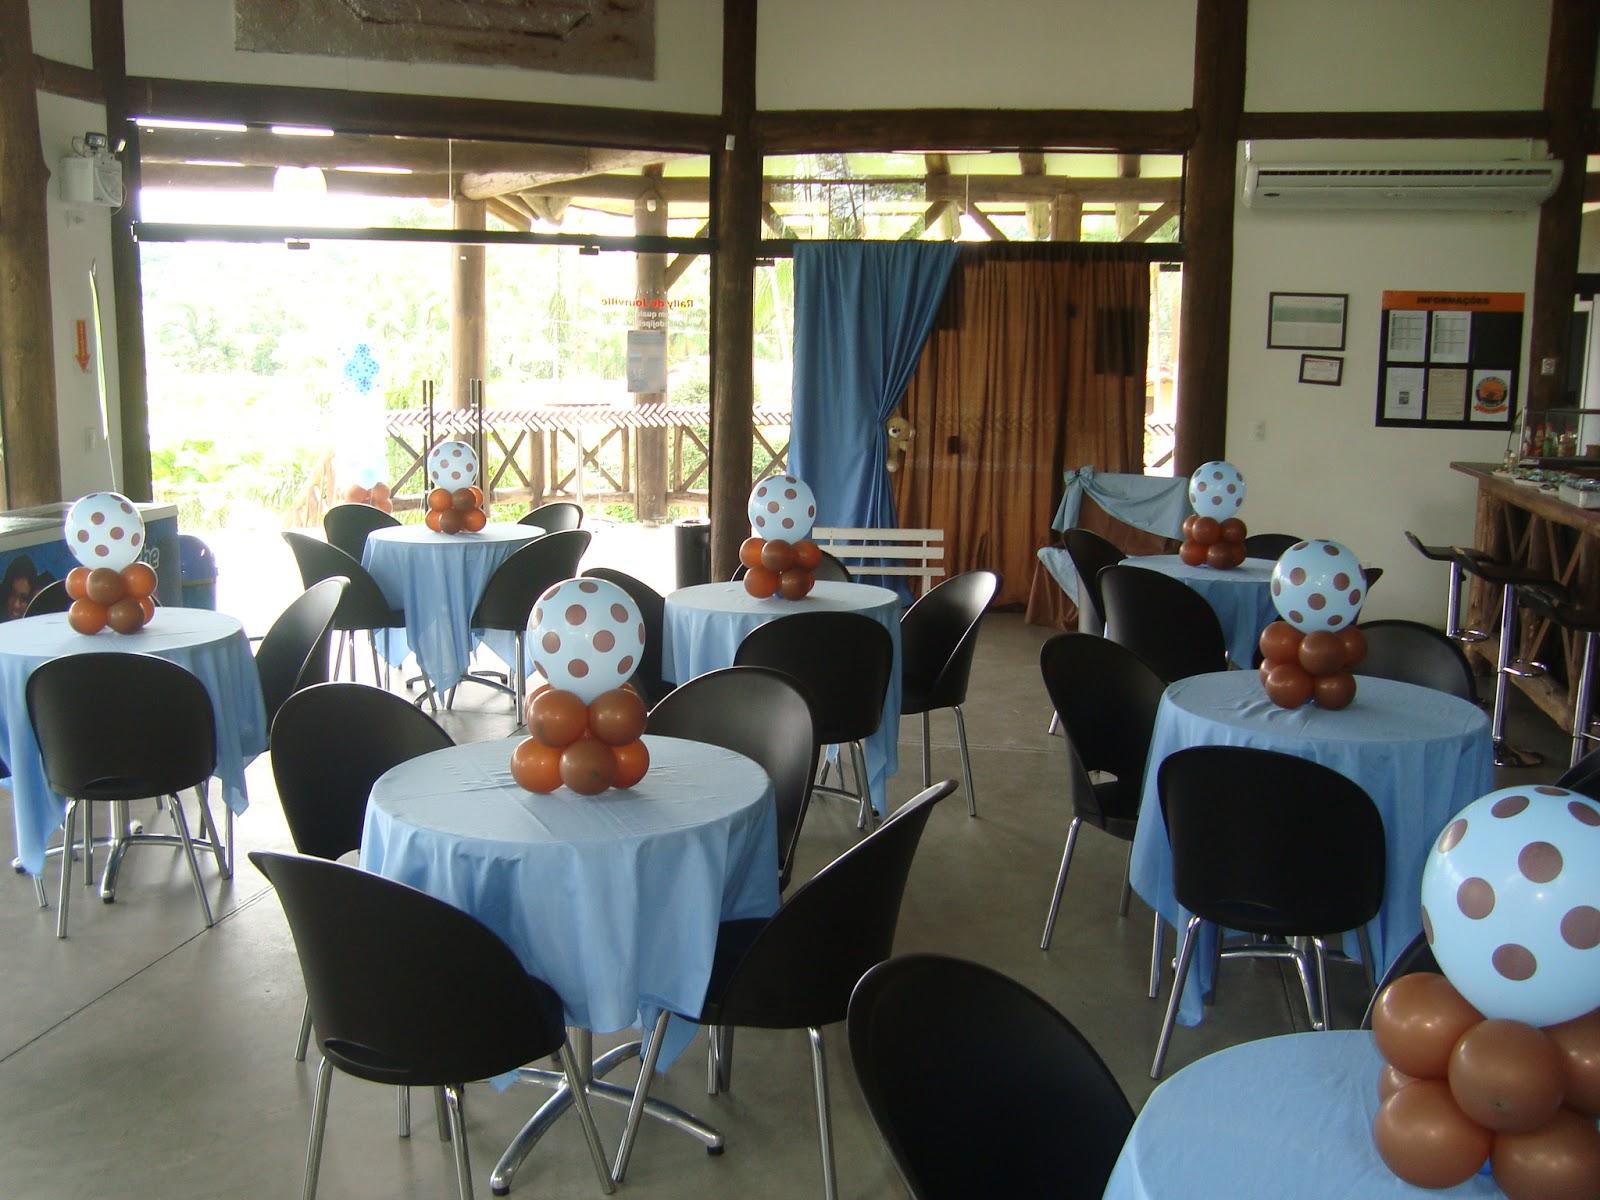 decoracao festa urso azul e marrom:KaDe Festas: Decoração Ursos Marrom e Azul Provençal